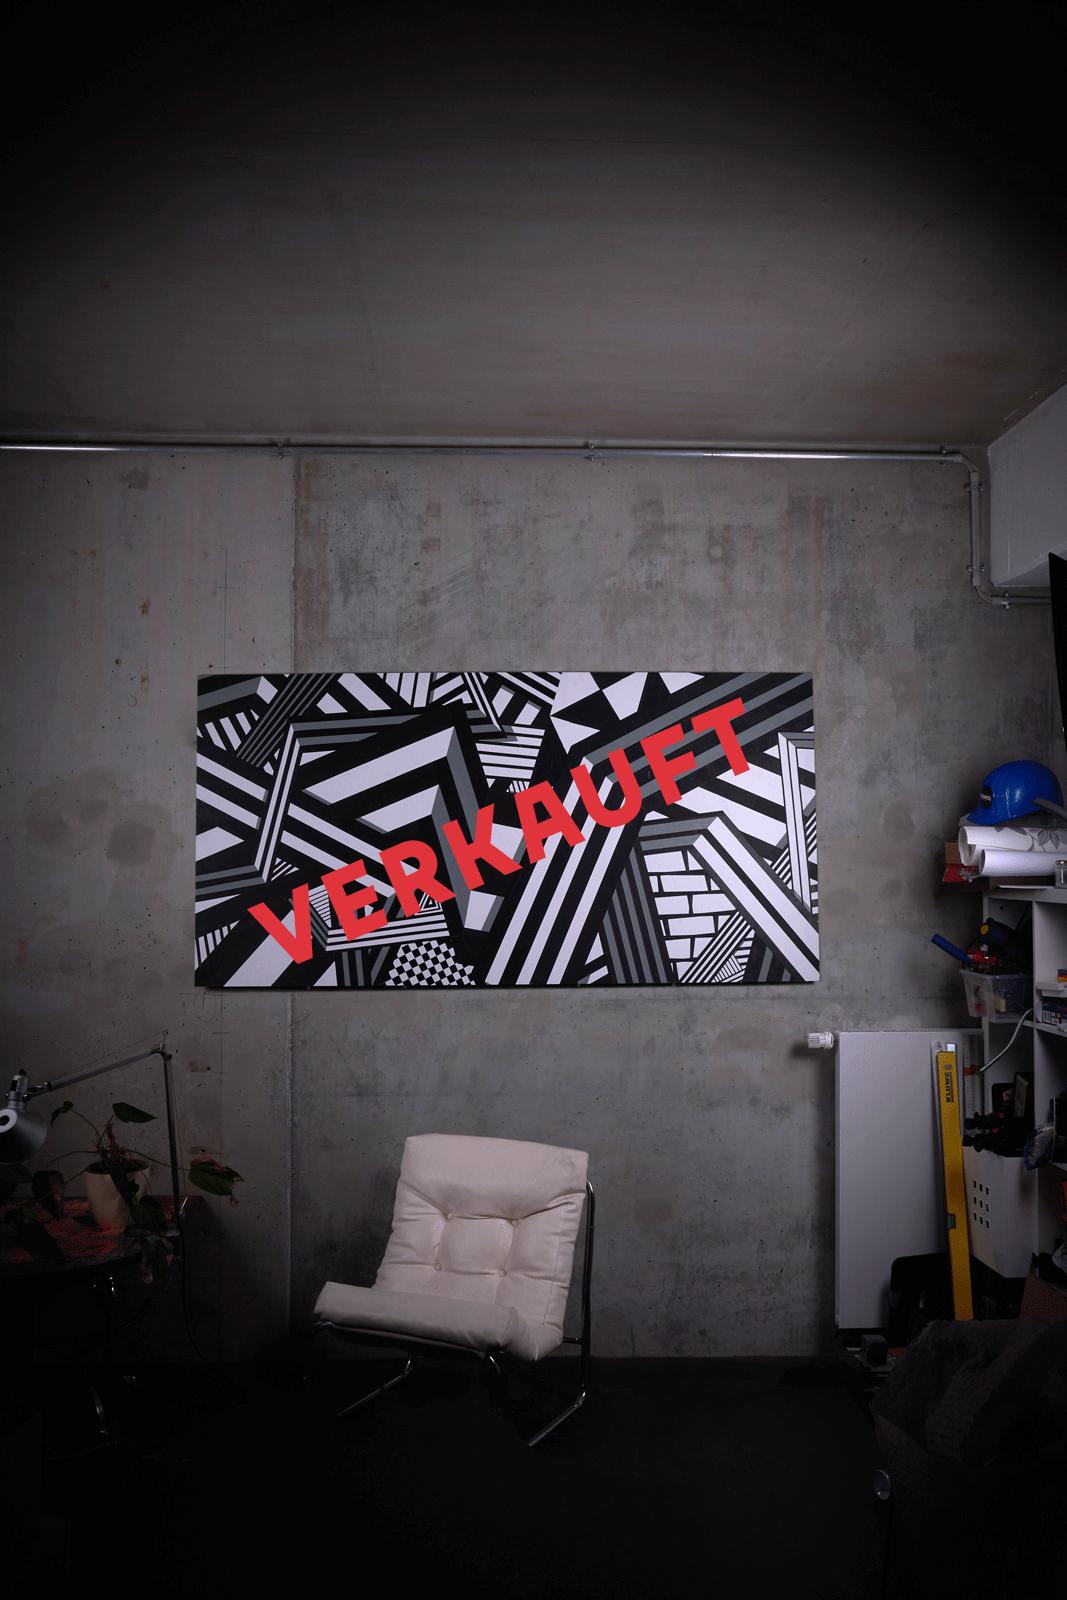 bandenmuster-un-04-verkauft